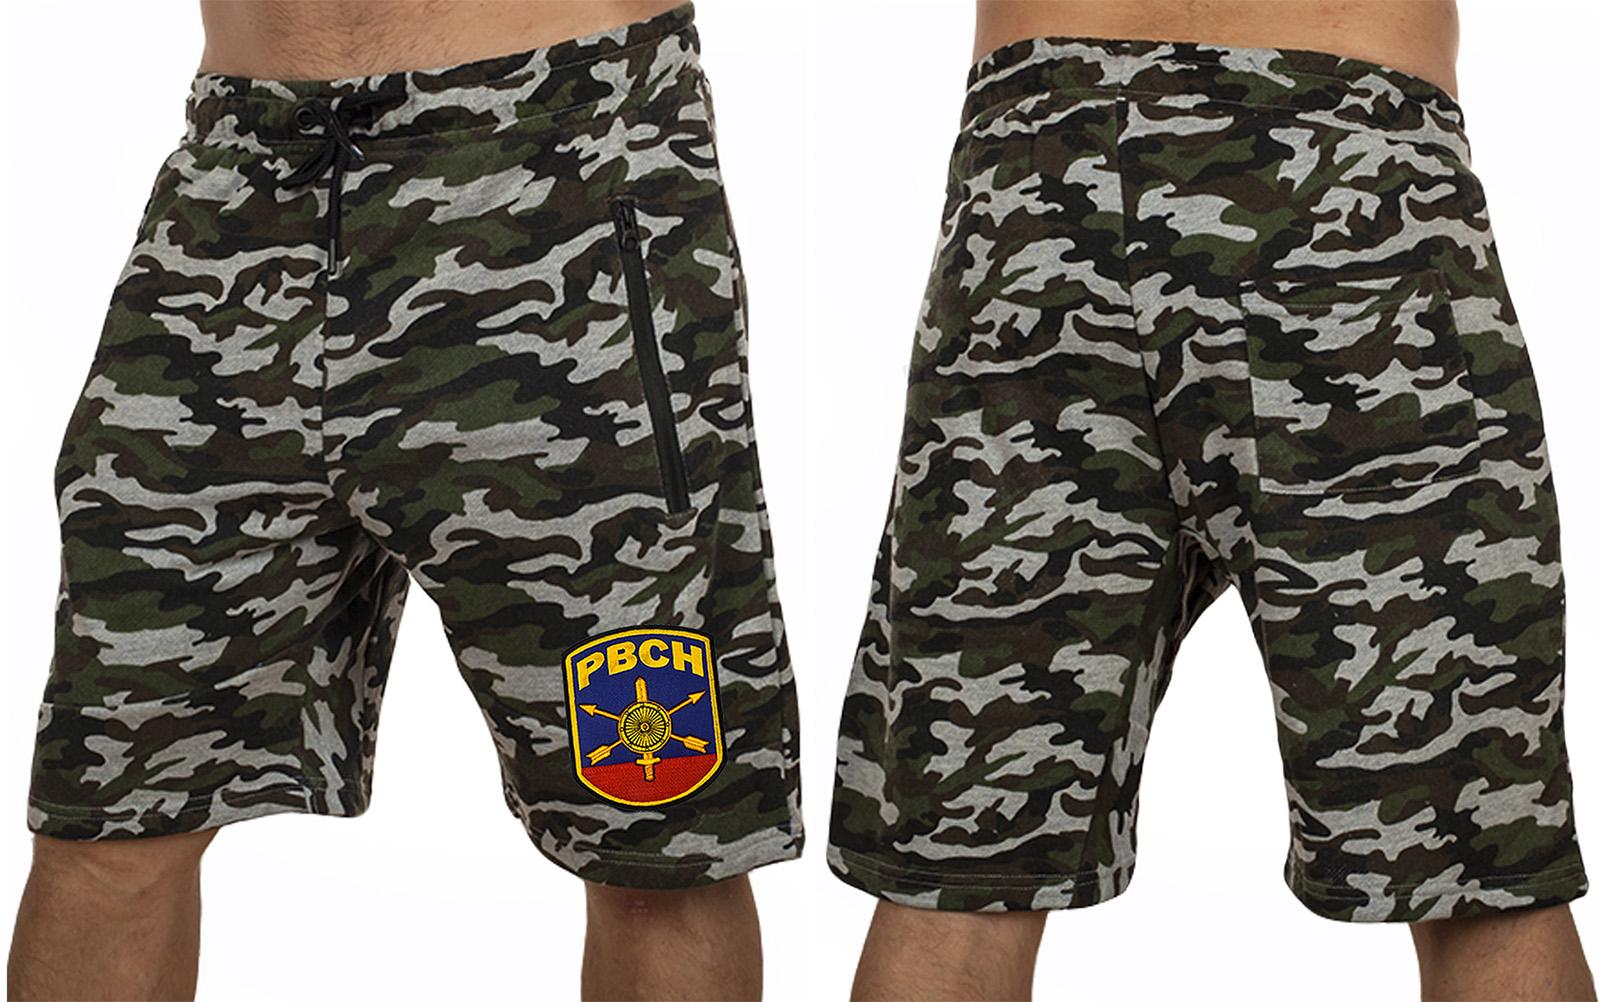 Мужские армейские шорты с нашивкой РВСН - купить оптом